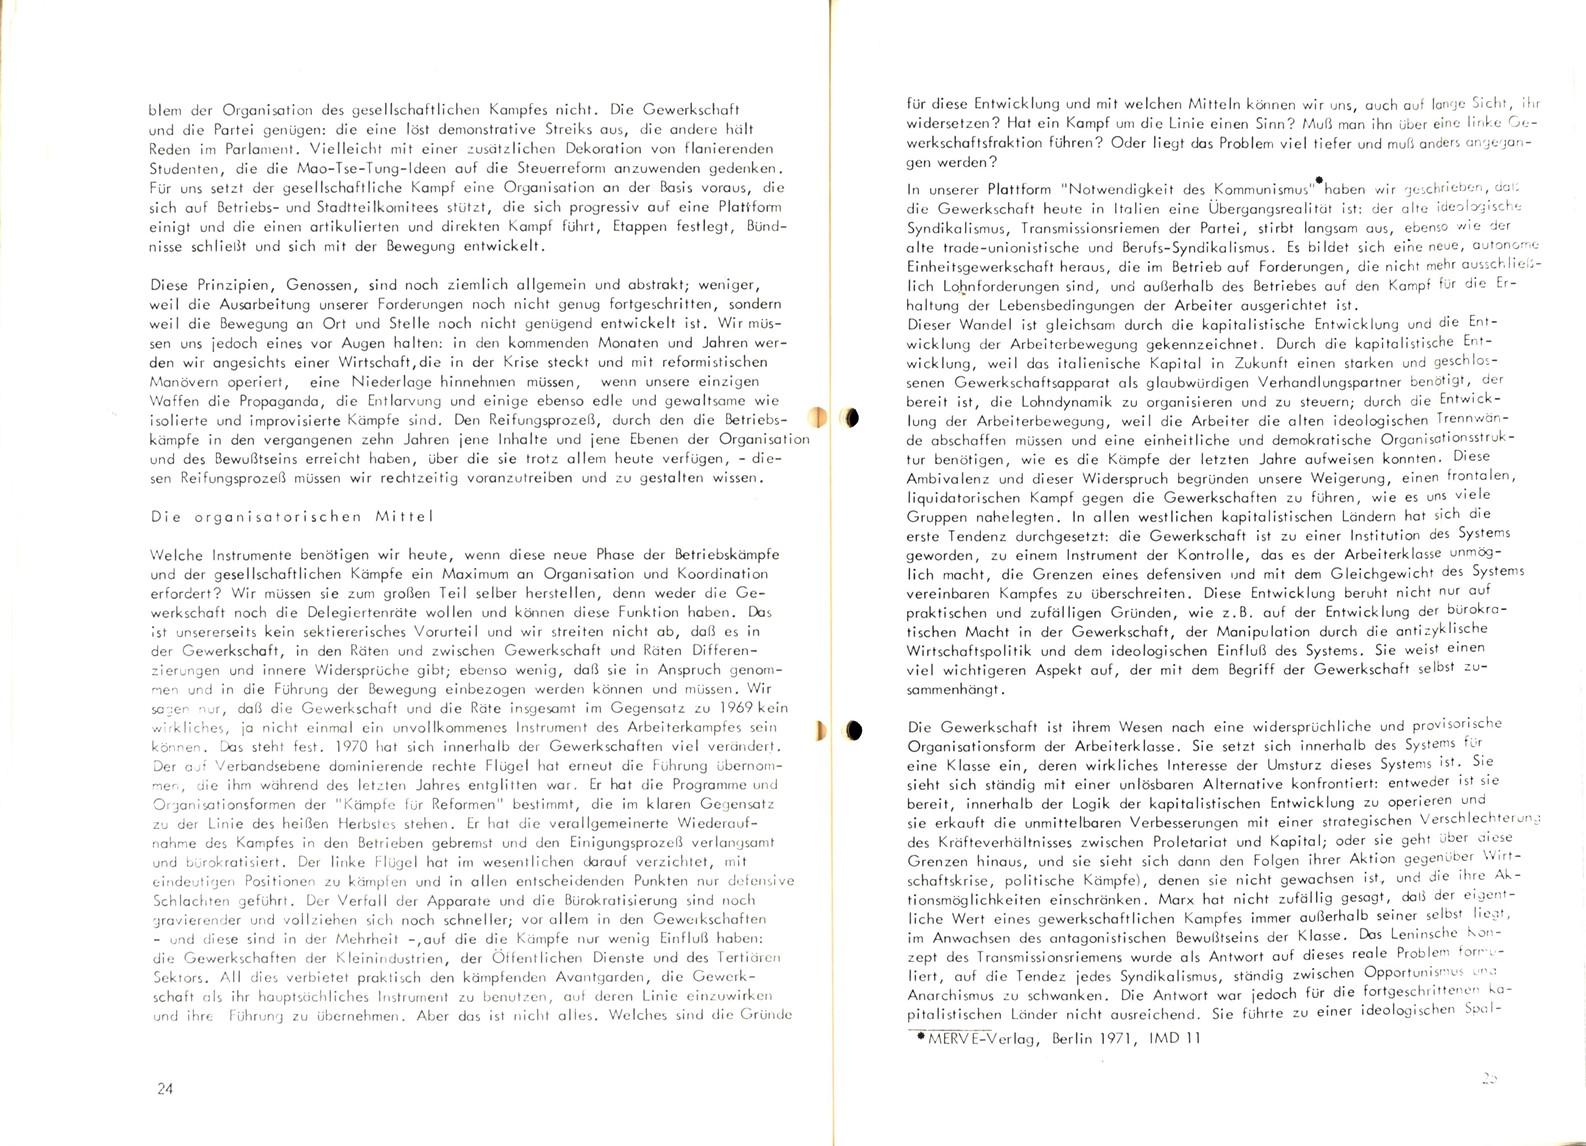 Manifesto_1971_Einheit_der_Klassenlinken_13